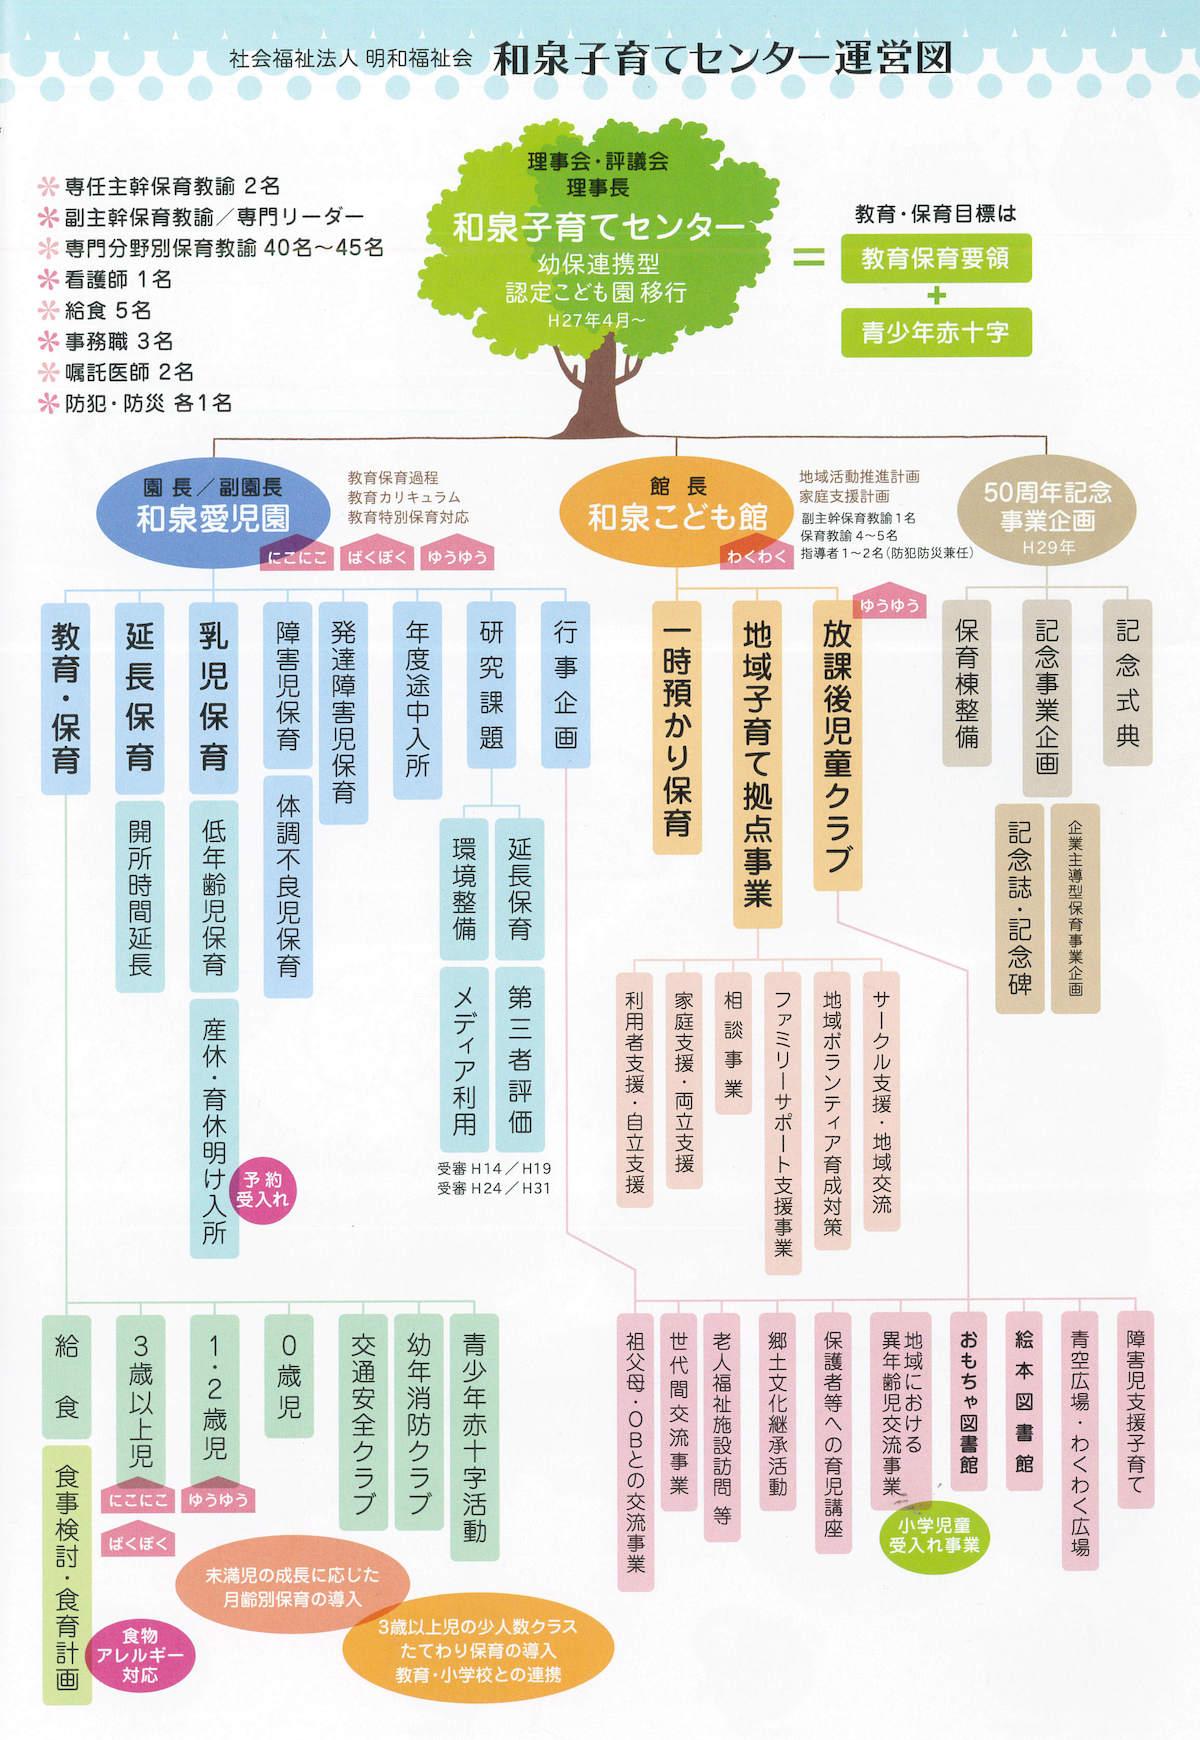 和泉愛児園の運営図(創立50周年記念誌から抜粋)